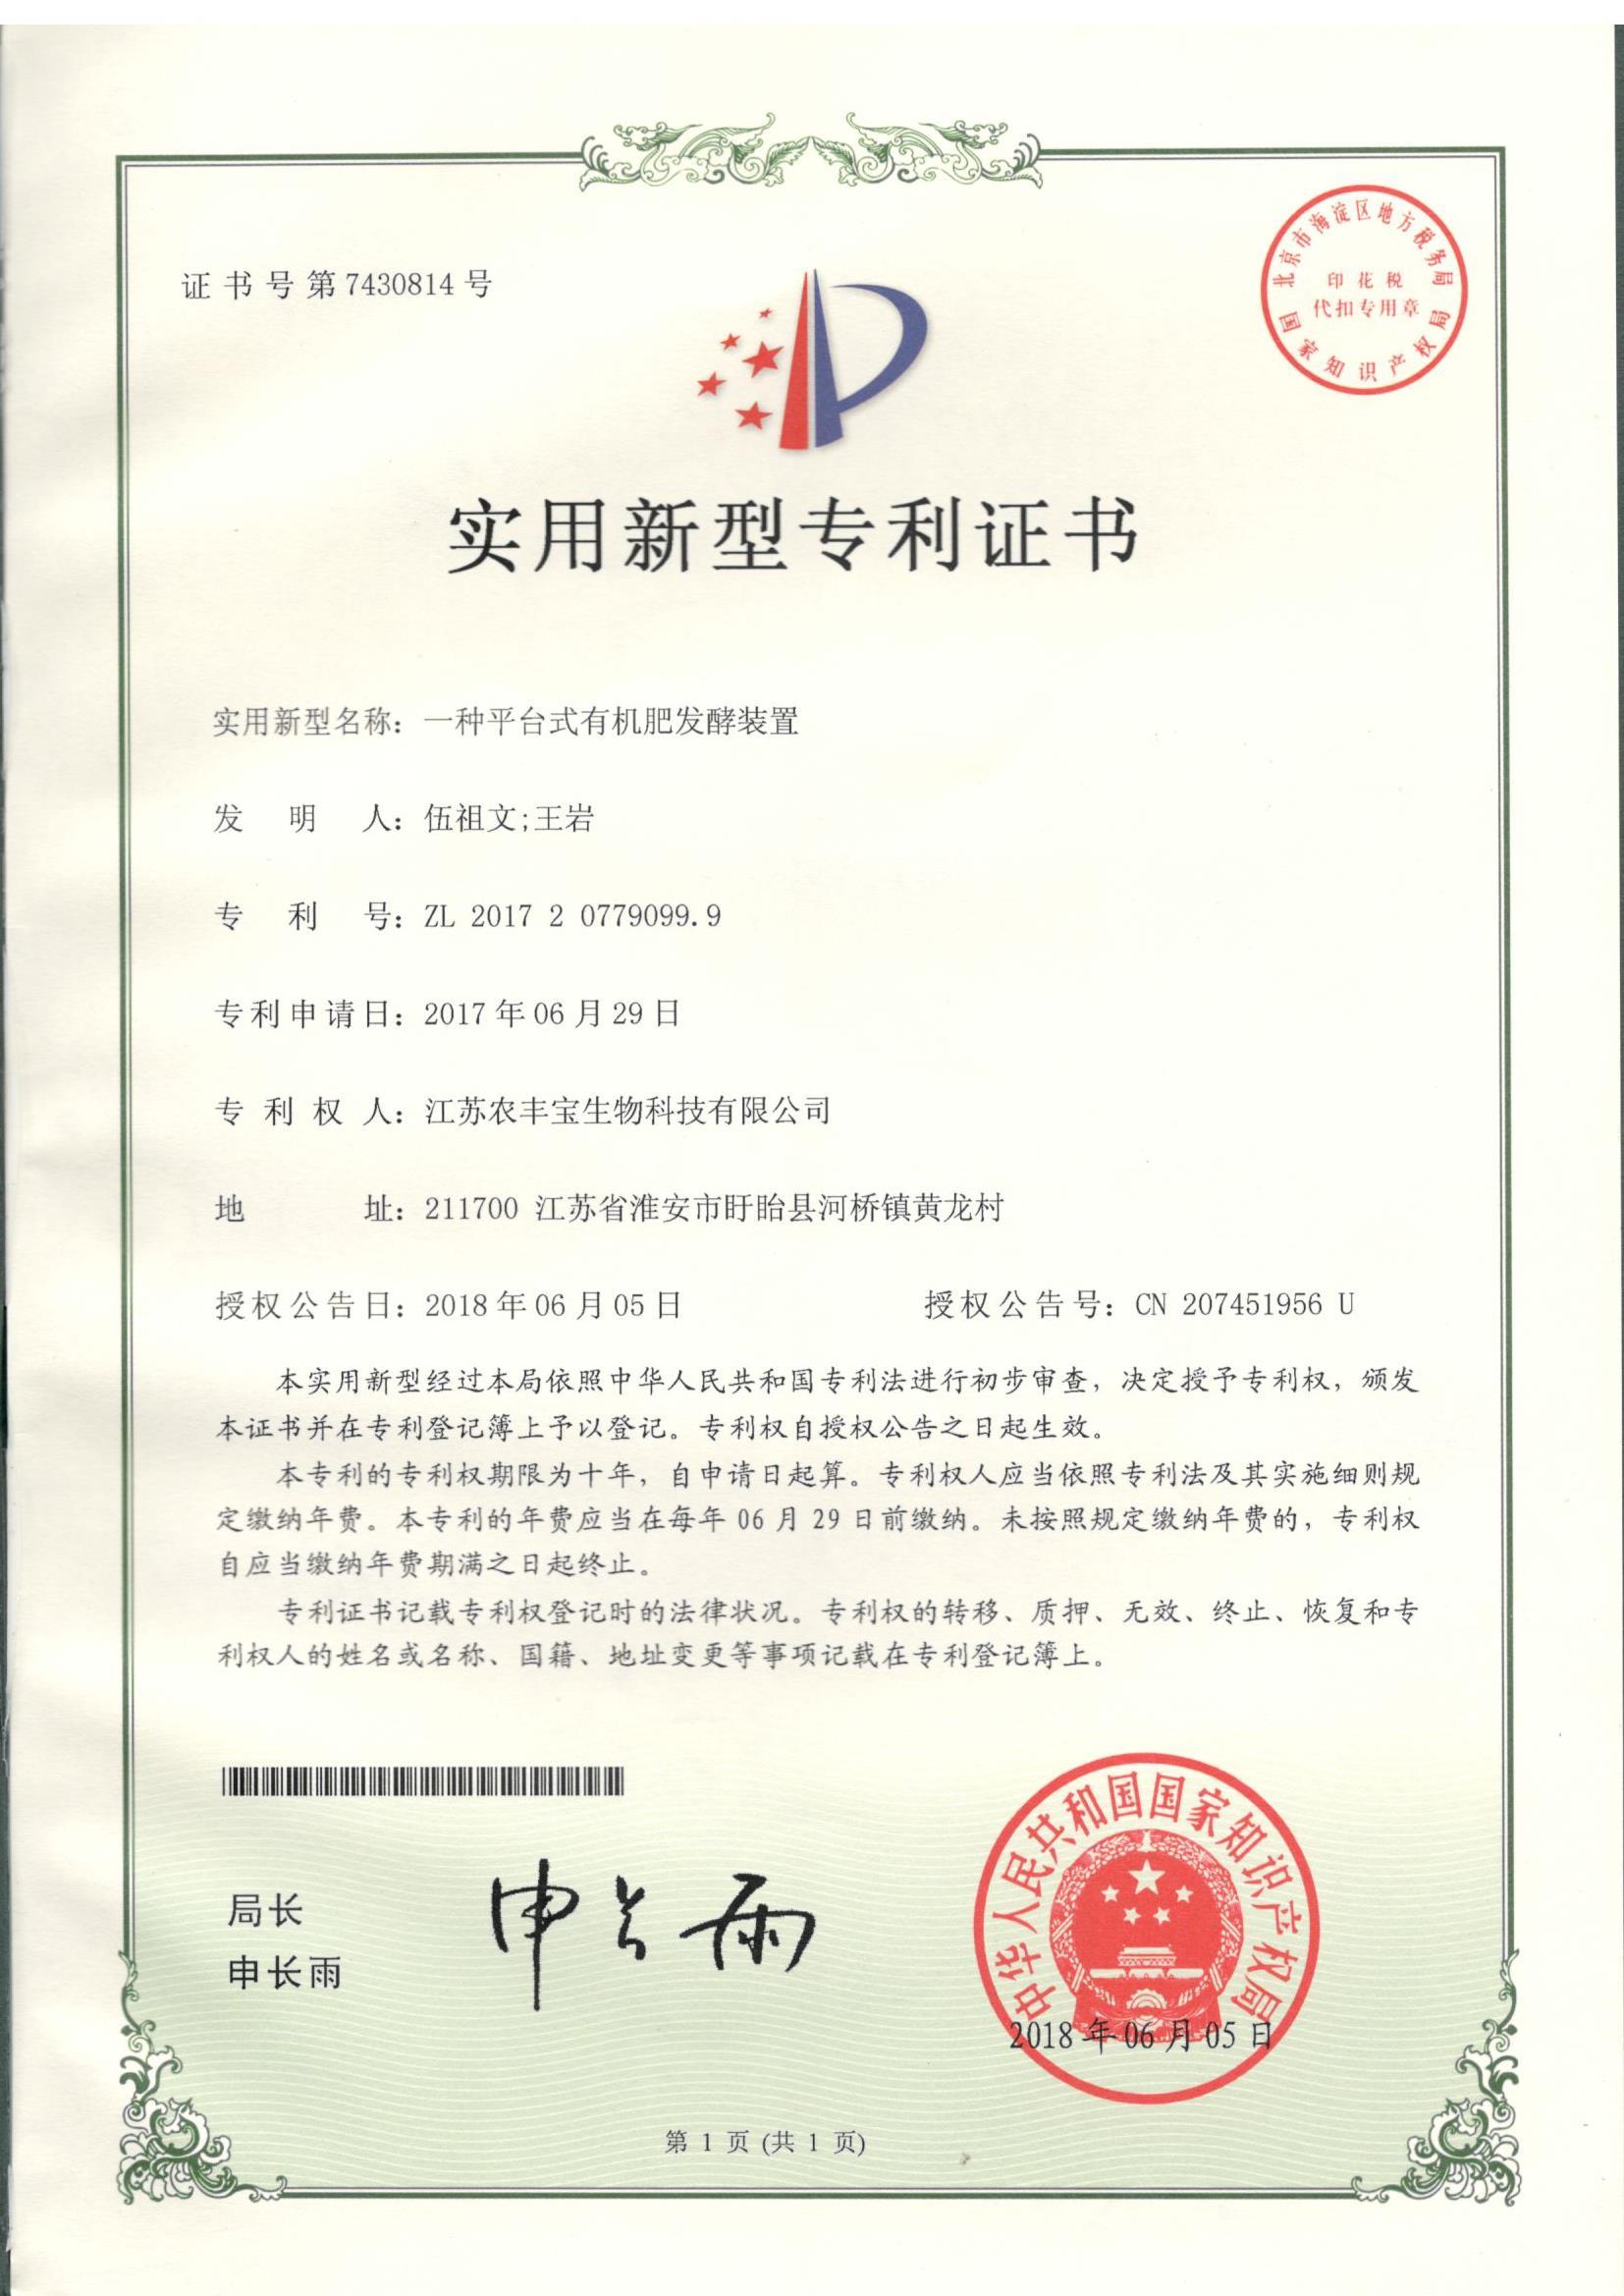 江苏产品发明专利2